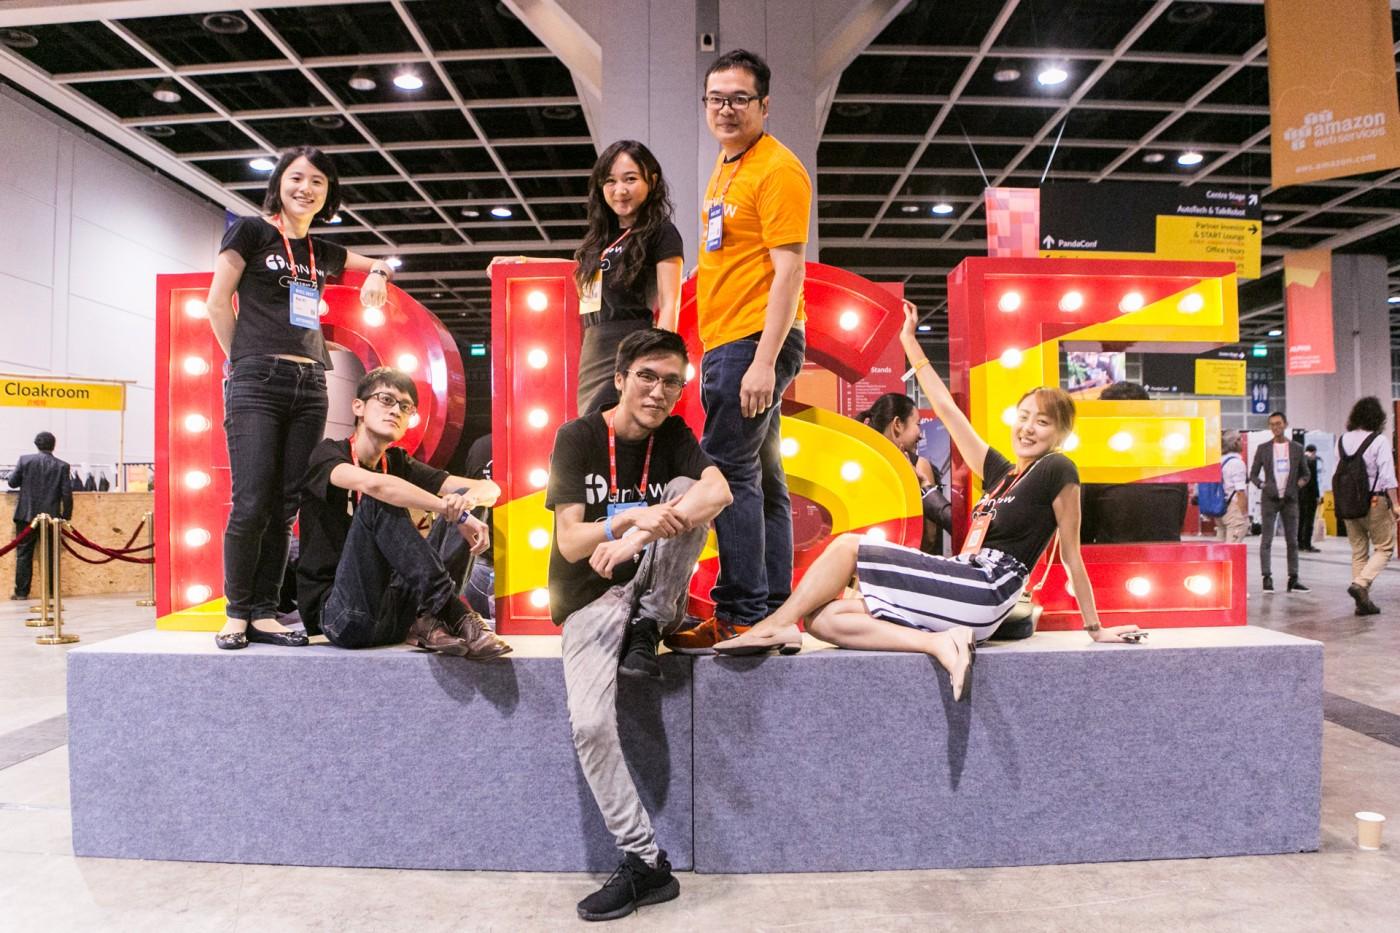 聯手阿里巴巴攻向東南亞,即時預訂平台FunNow獲1.6億元A輪融資